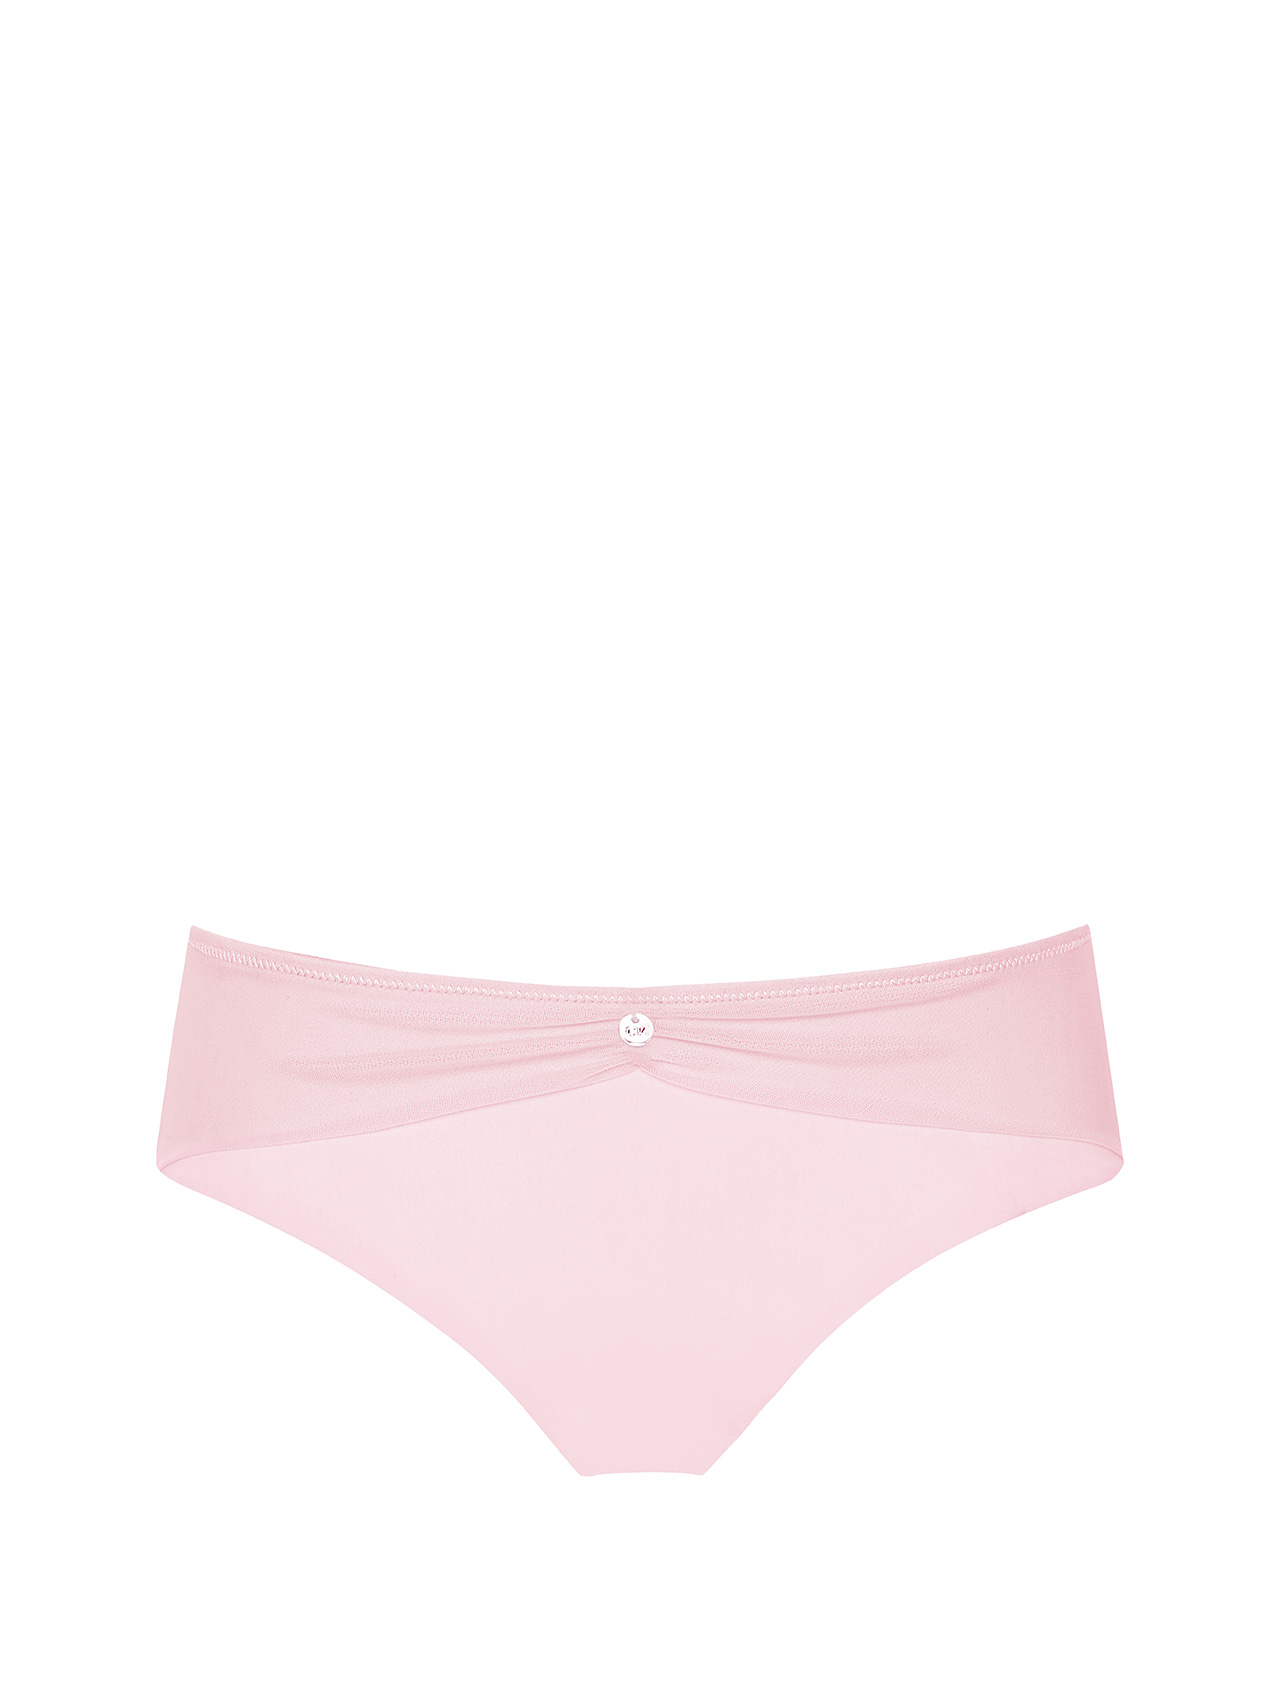 Quần lưng thấp - Bikini - 0137A